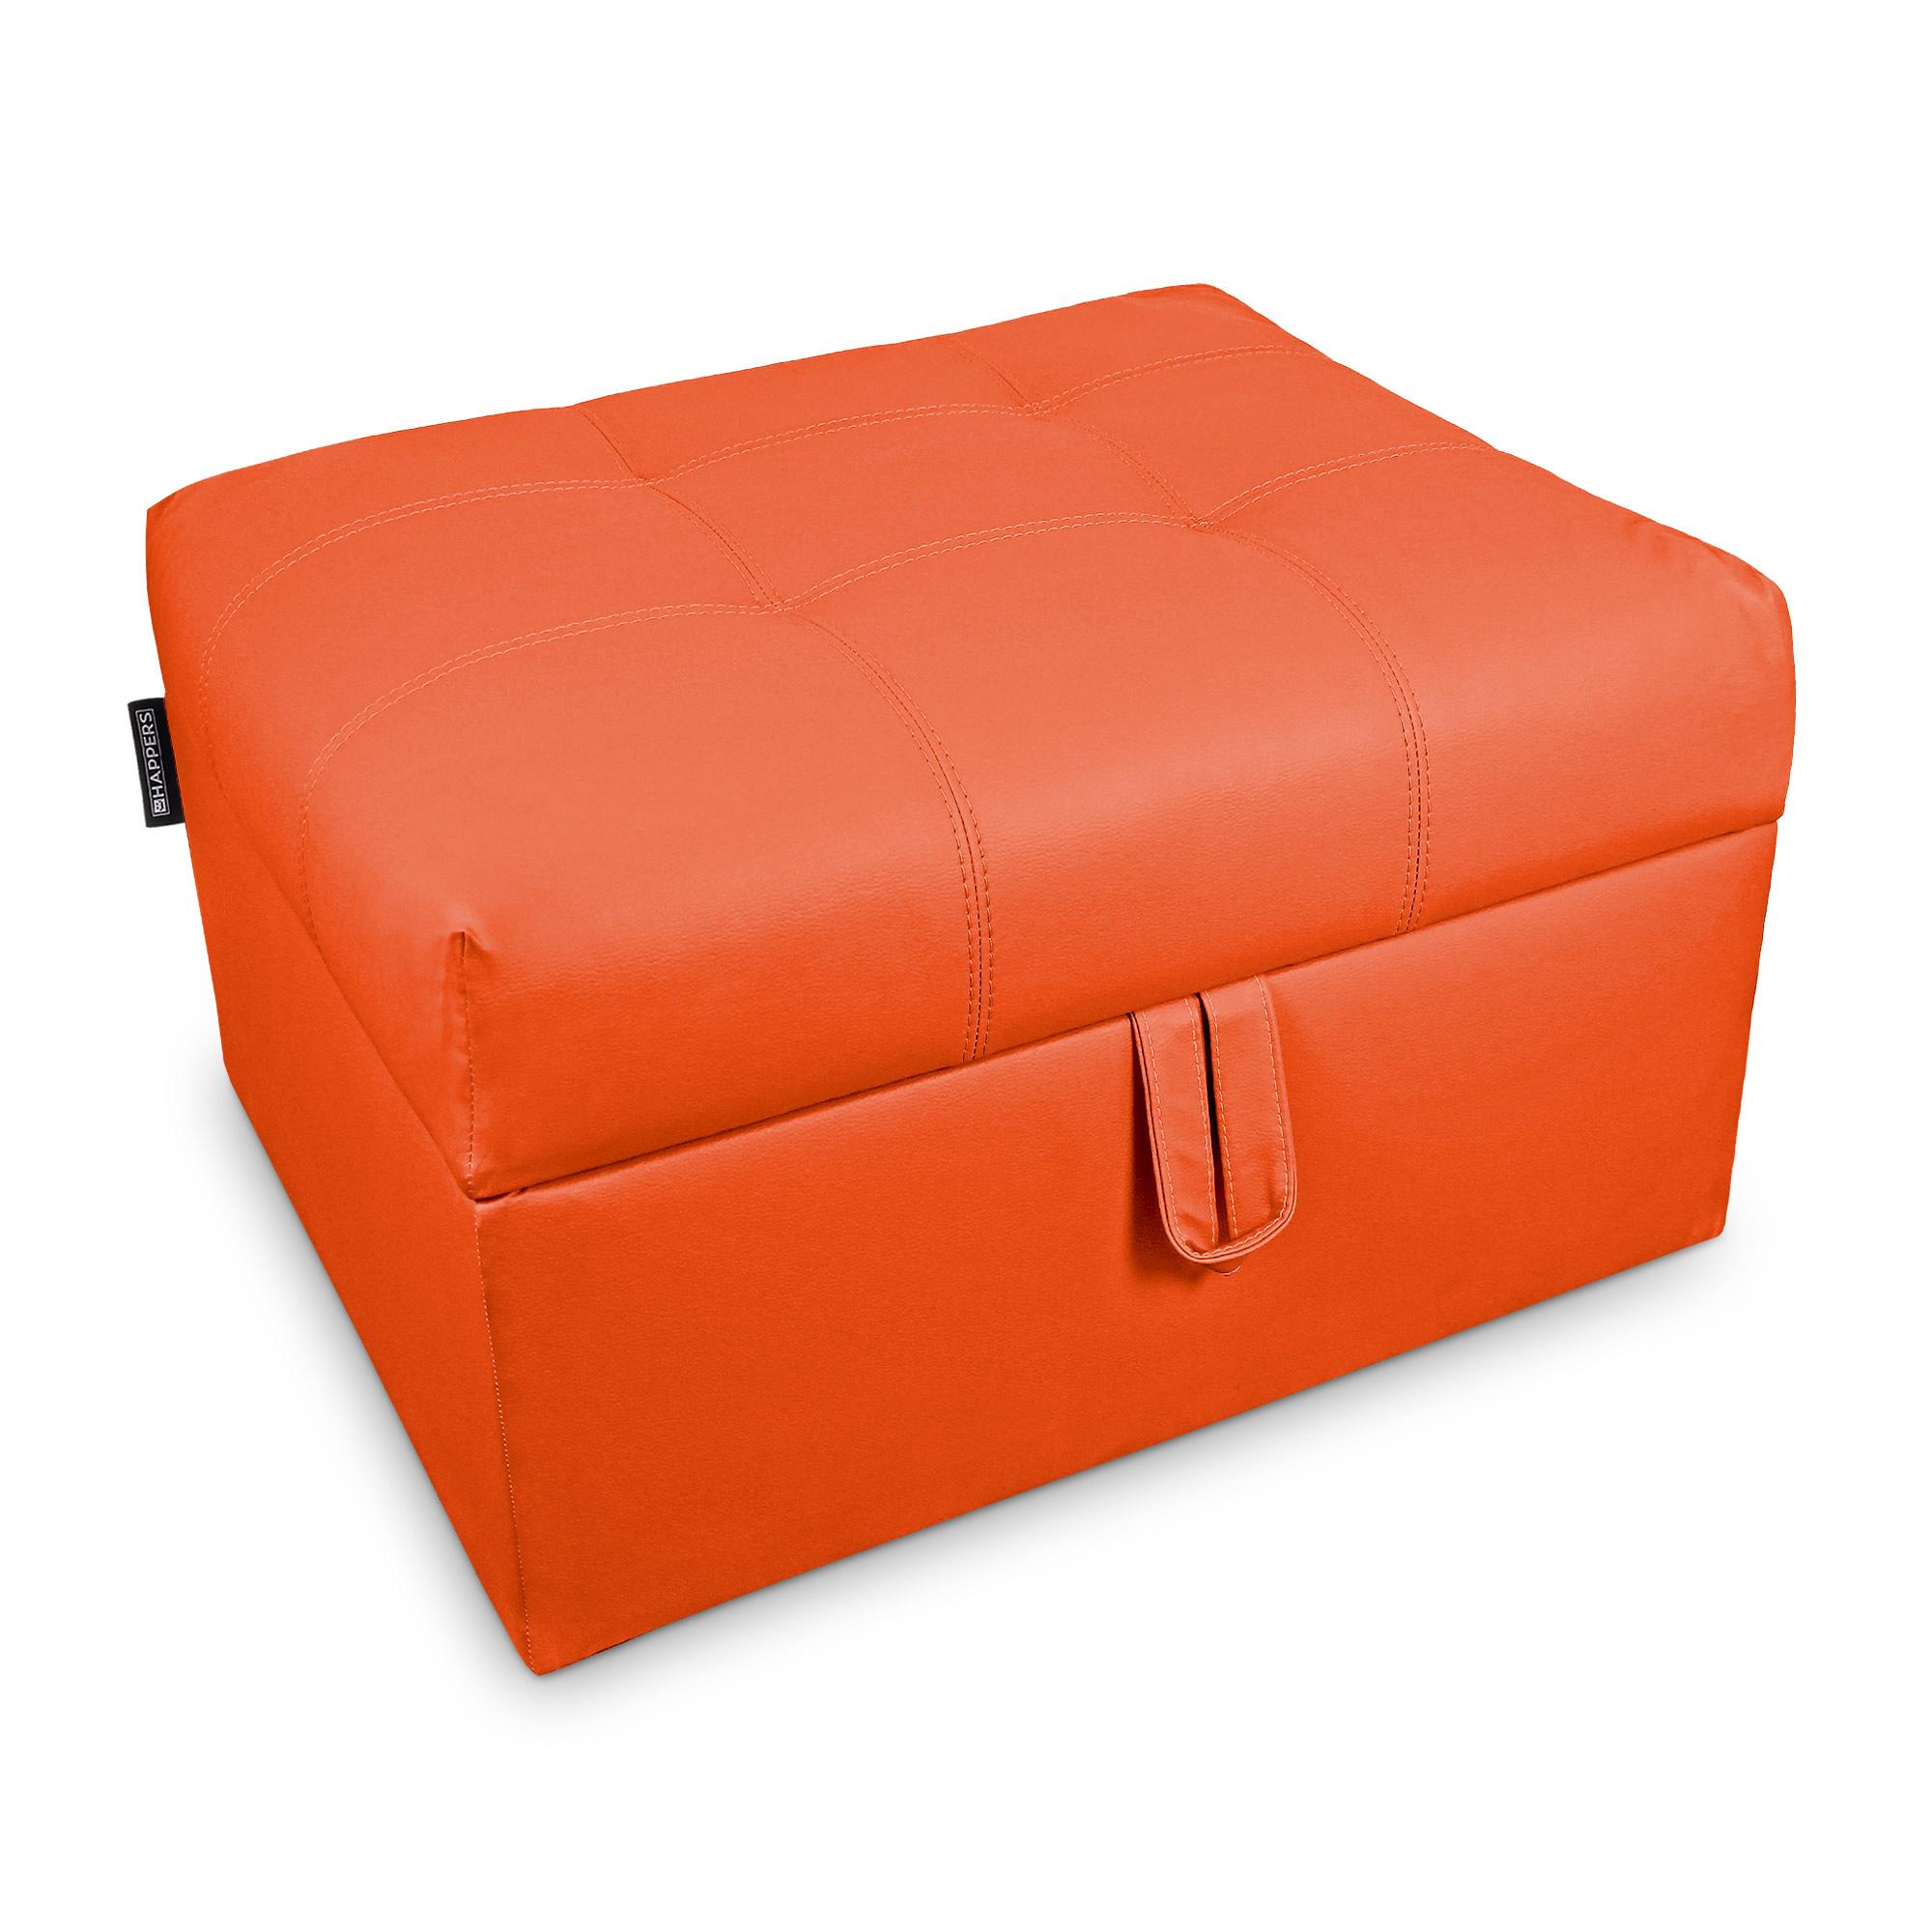 Cama plegable. Puff Arcón con somier plegable Polipiel Indoor Naranja  | Happers.es